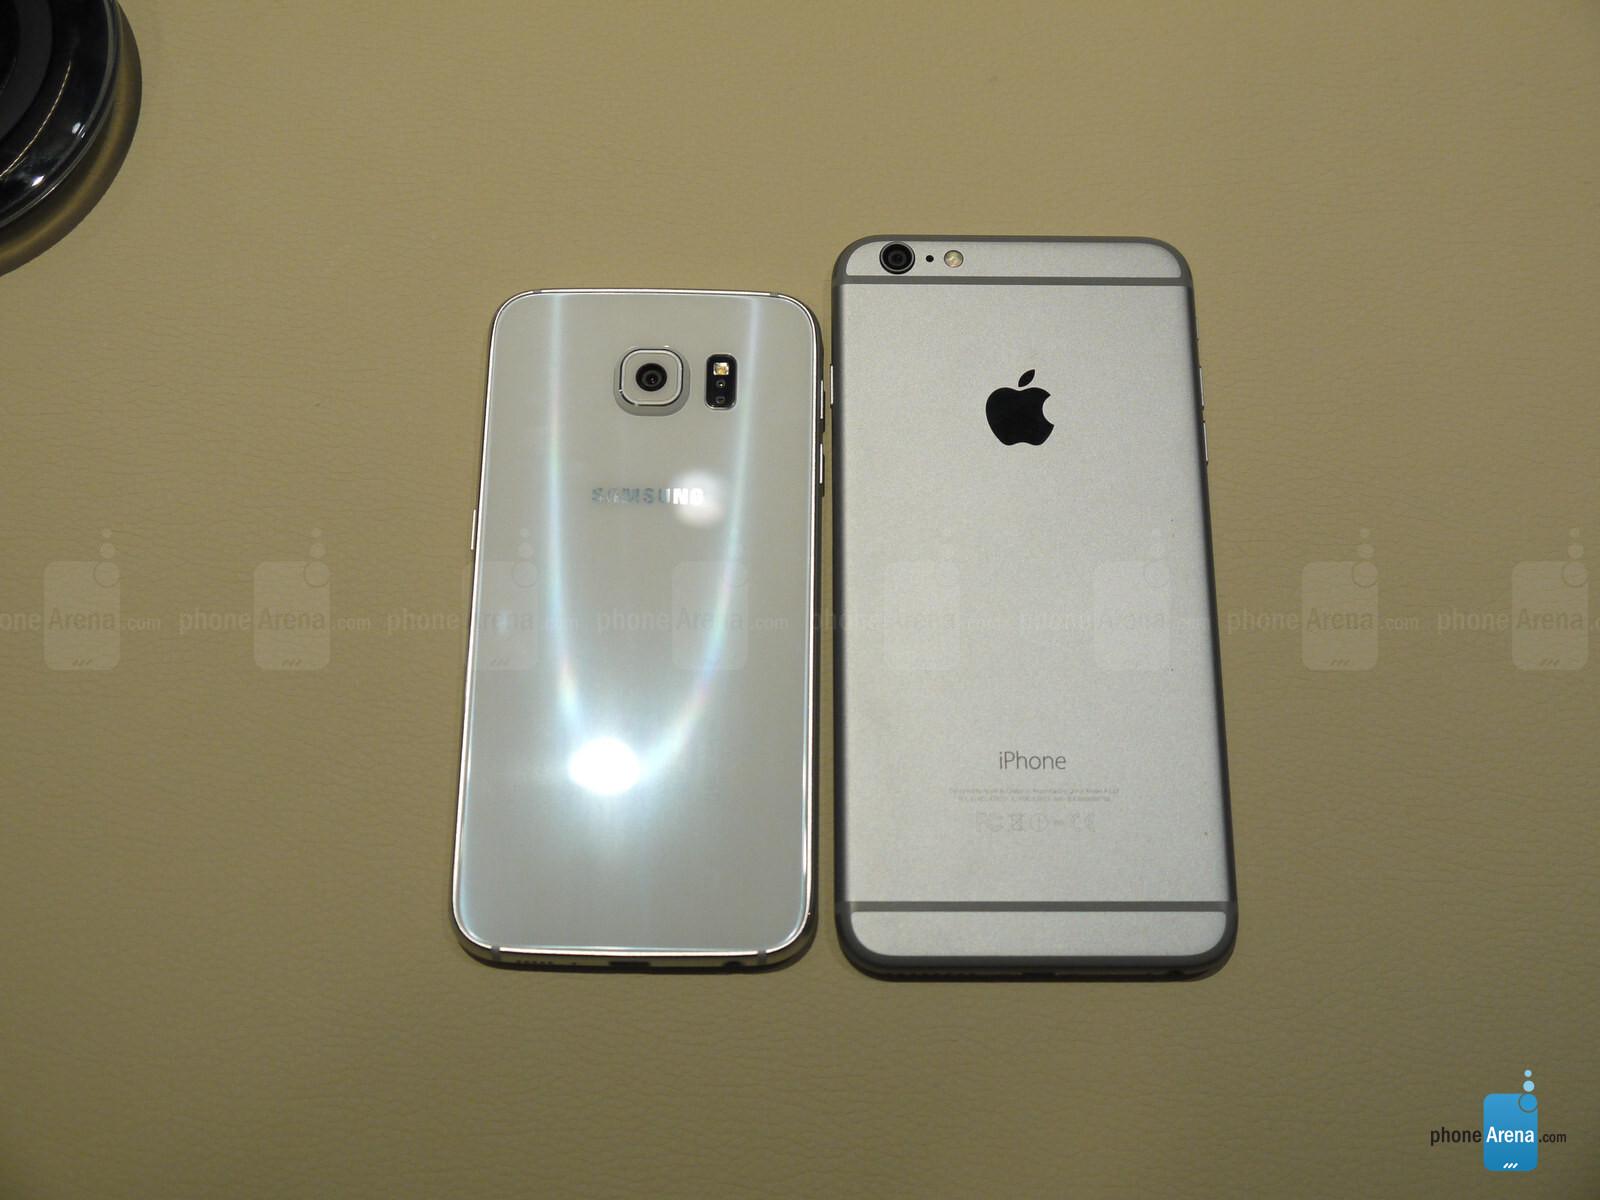 IPHONE 6 PLUS VERSCHIL SAMSUNG S6